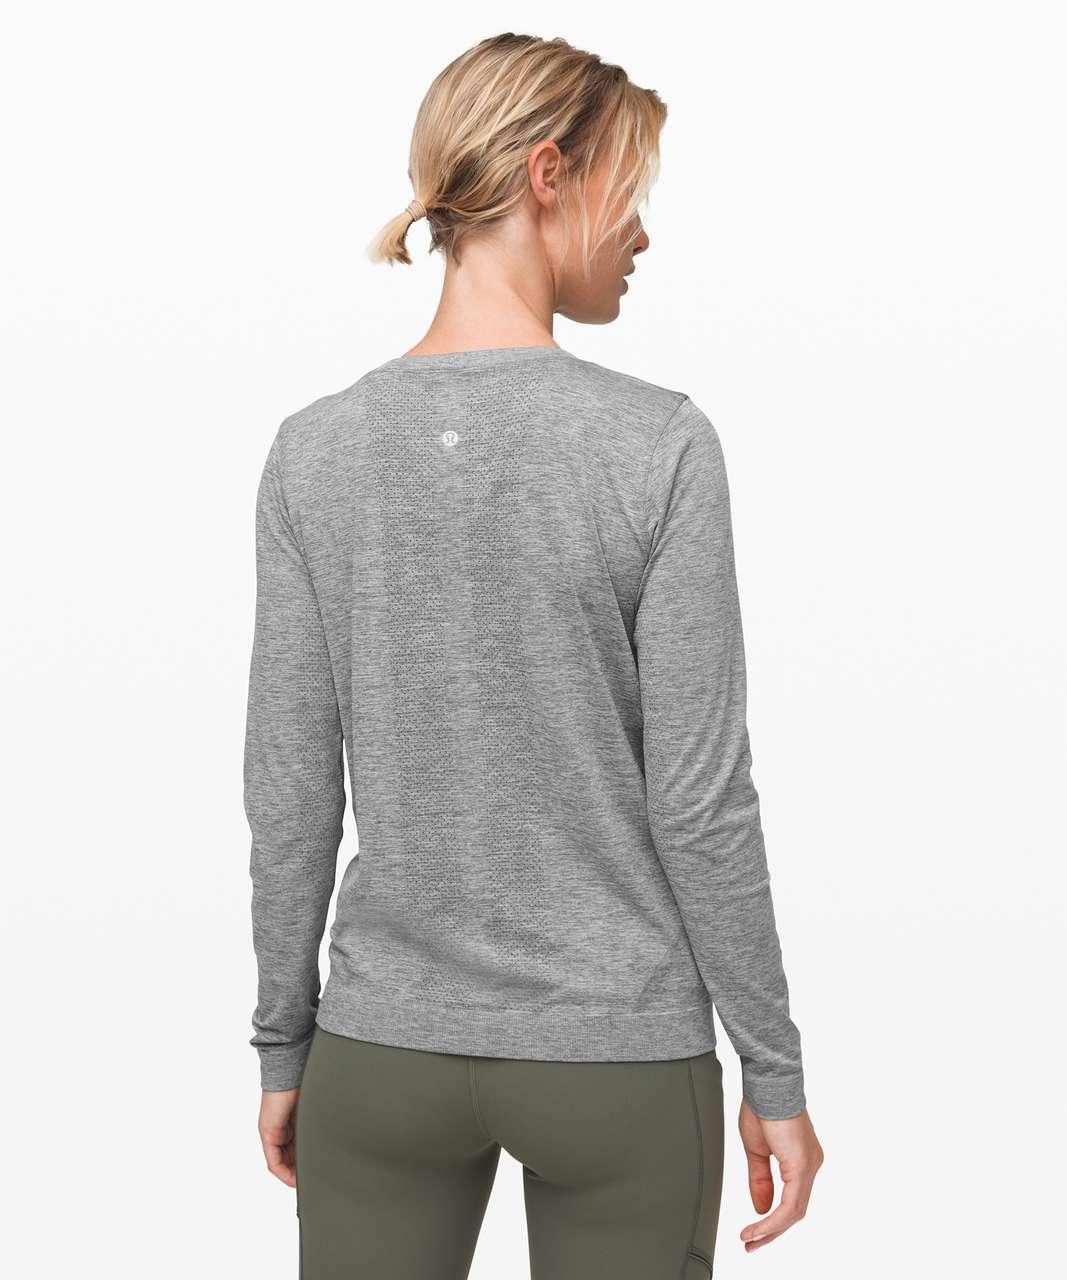 Lululemon Swiftly Relaxed Long Sleeve - Slate / White